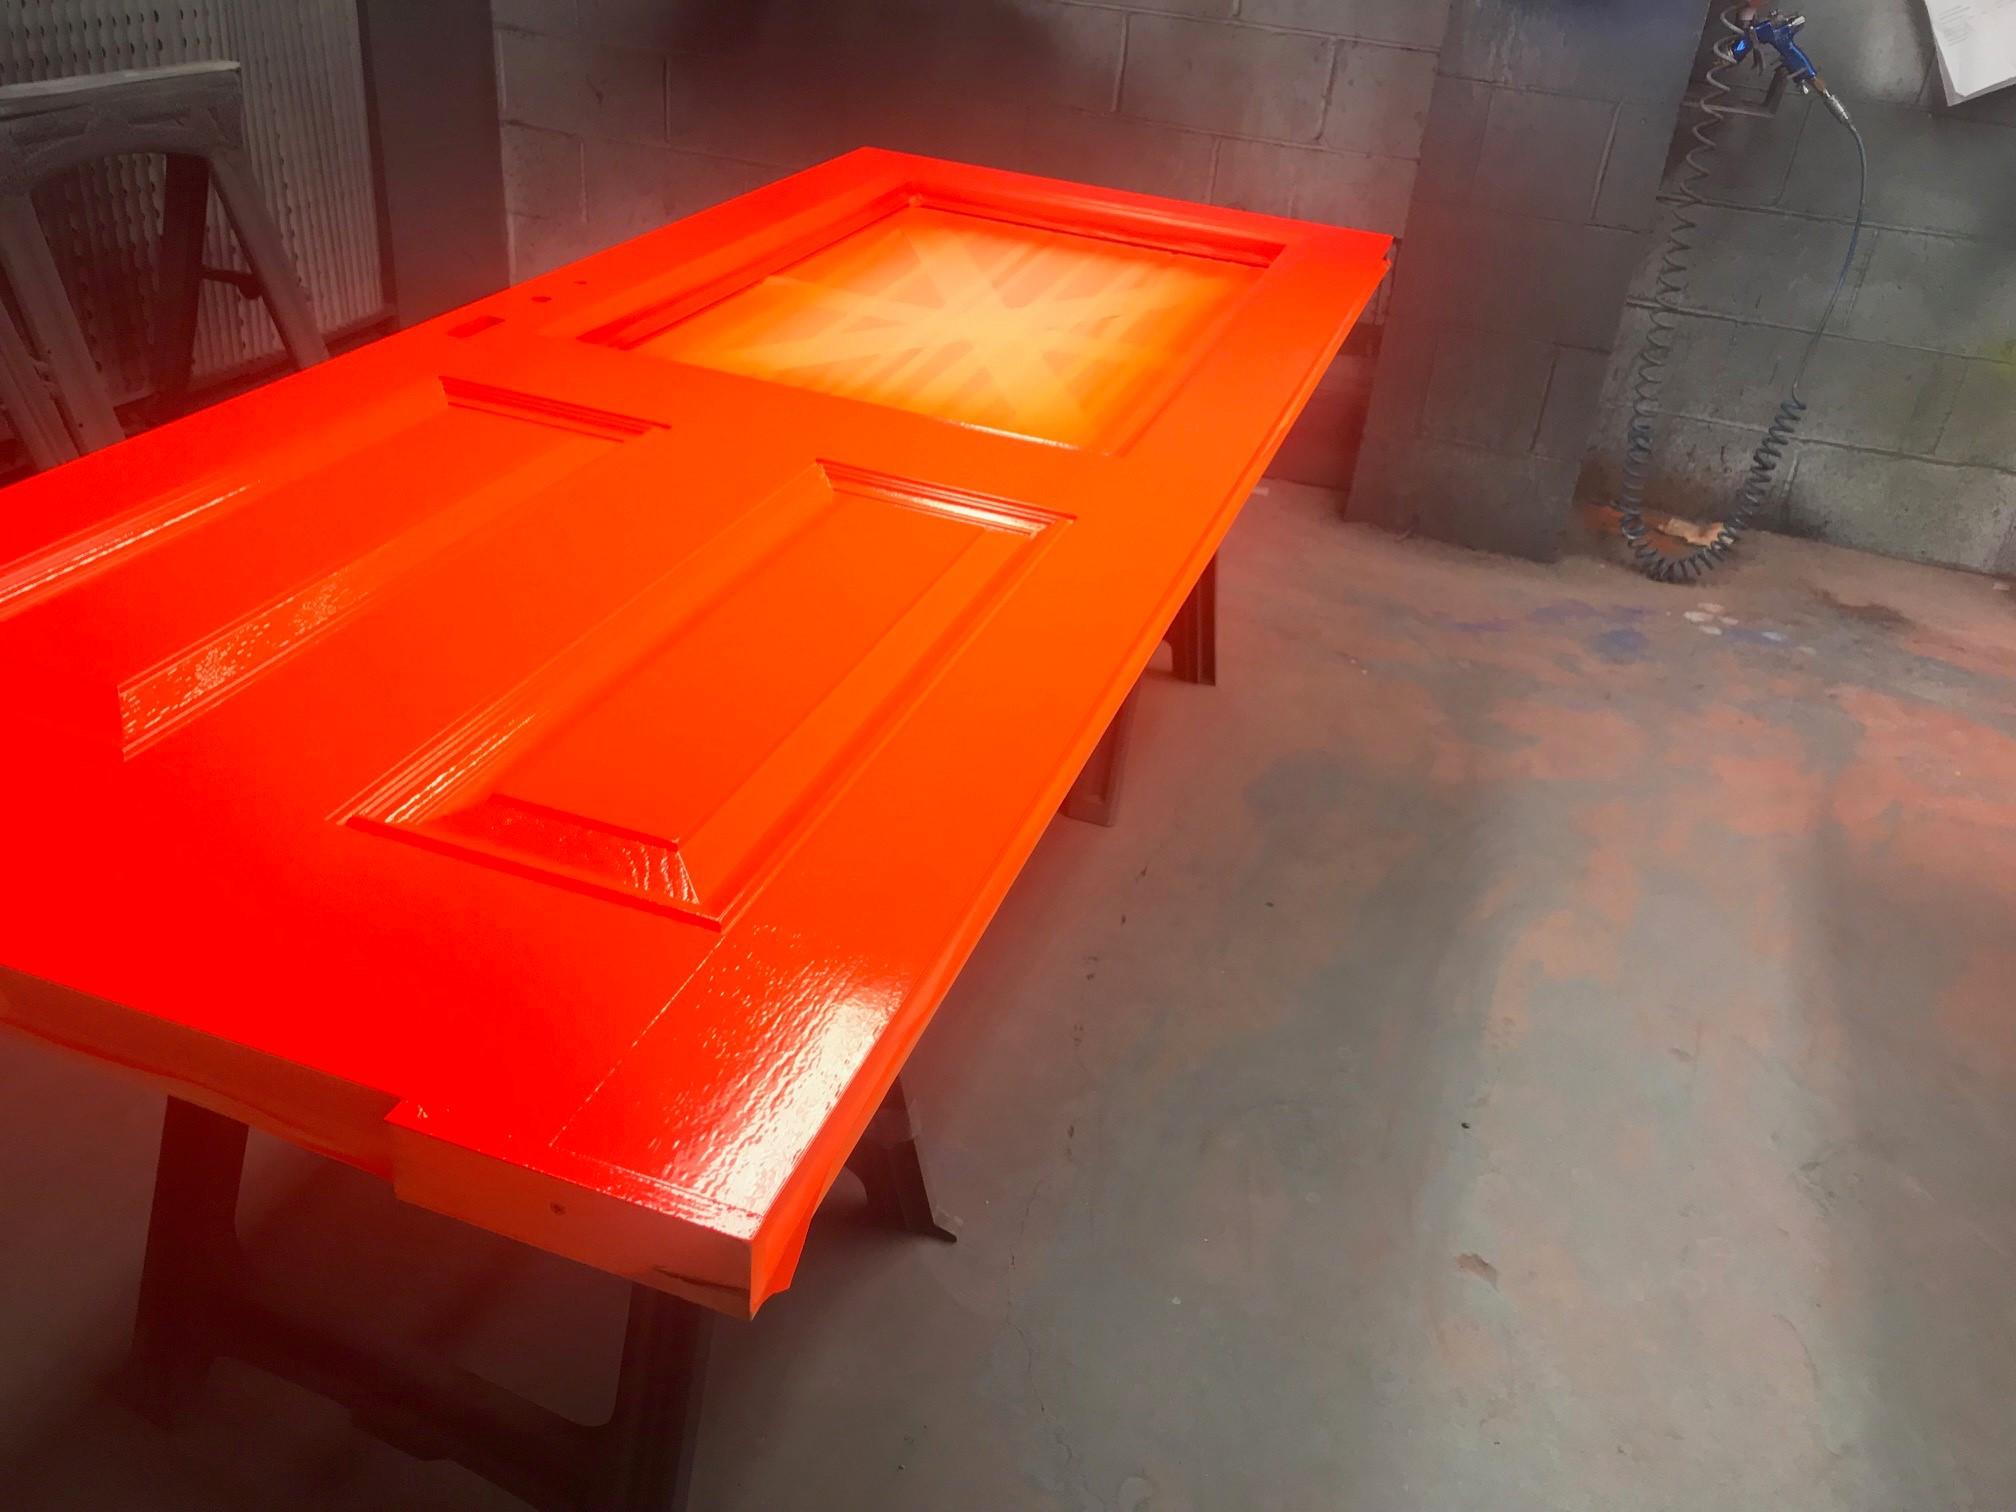 Spray painted orange door